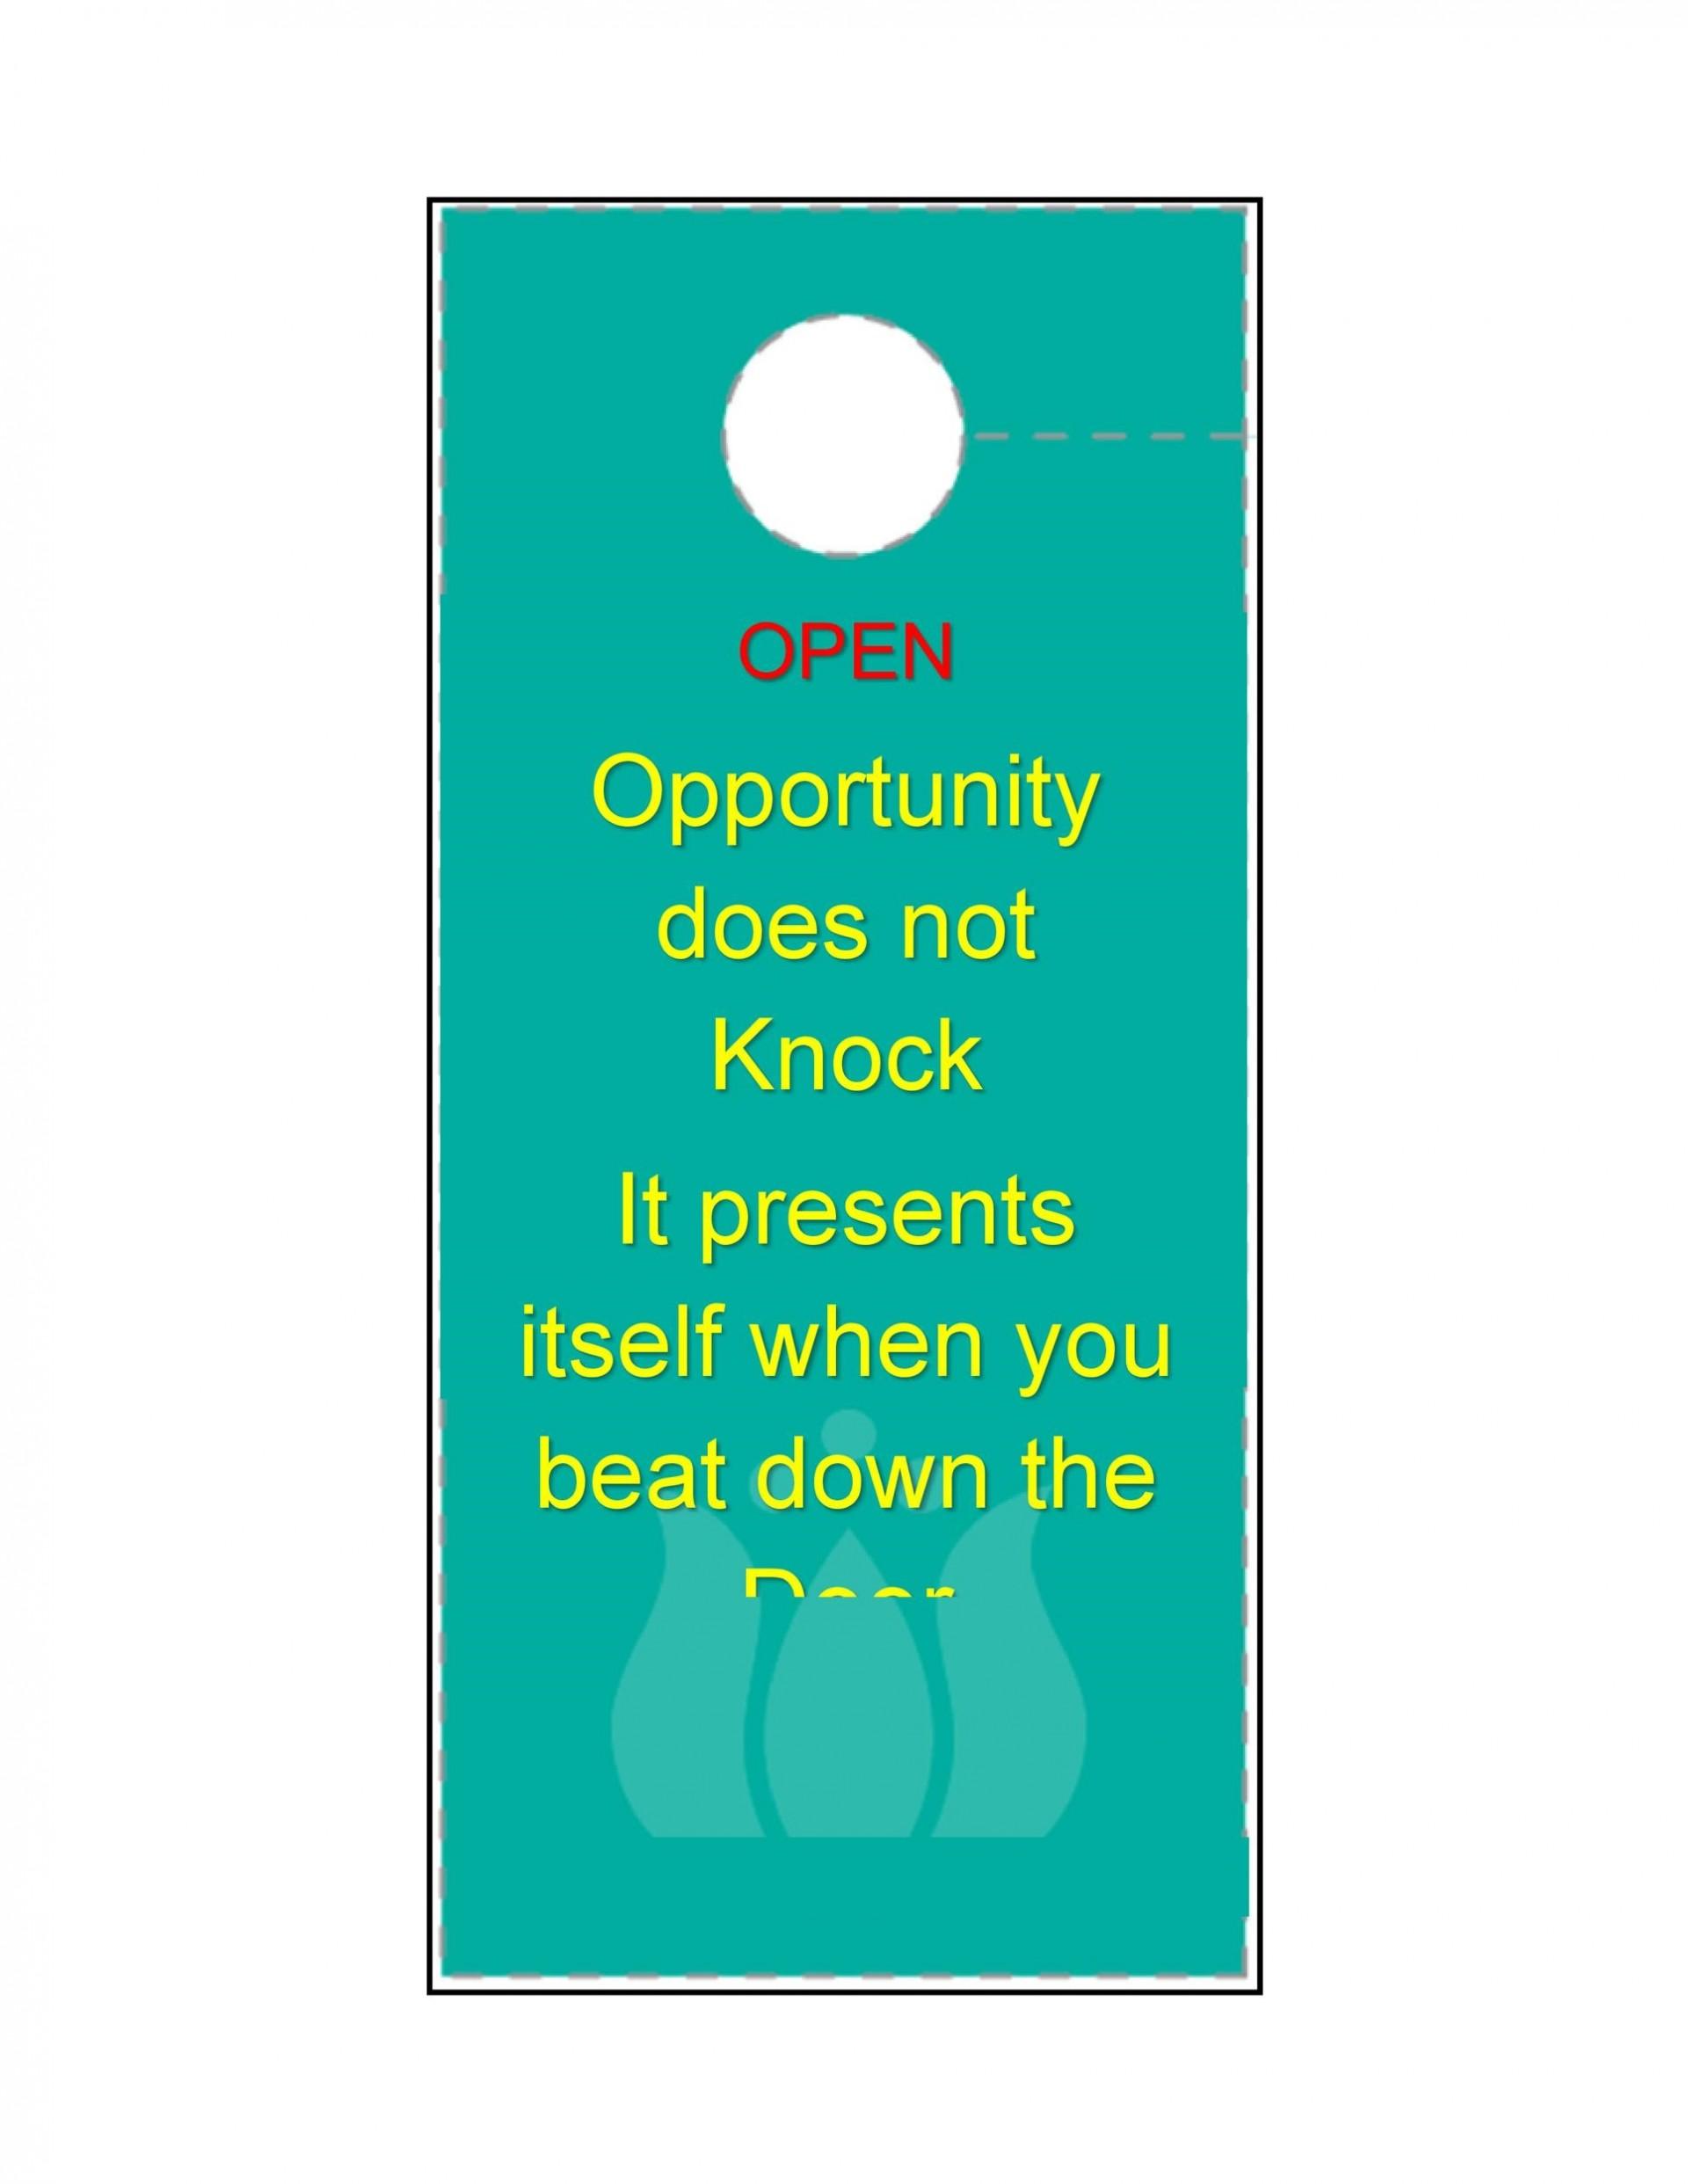 007 Fascinating Door Hanger Template For Word Design  Download Free Wedding Microsoft1920